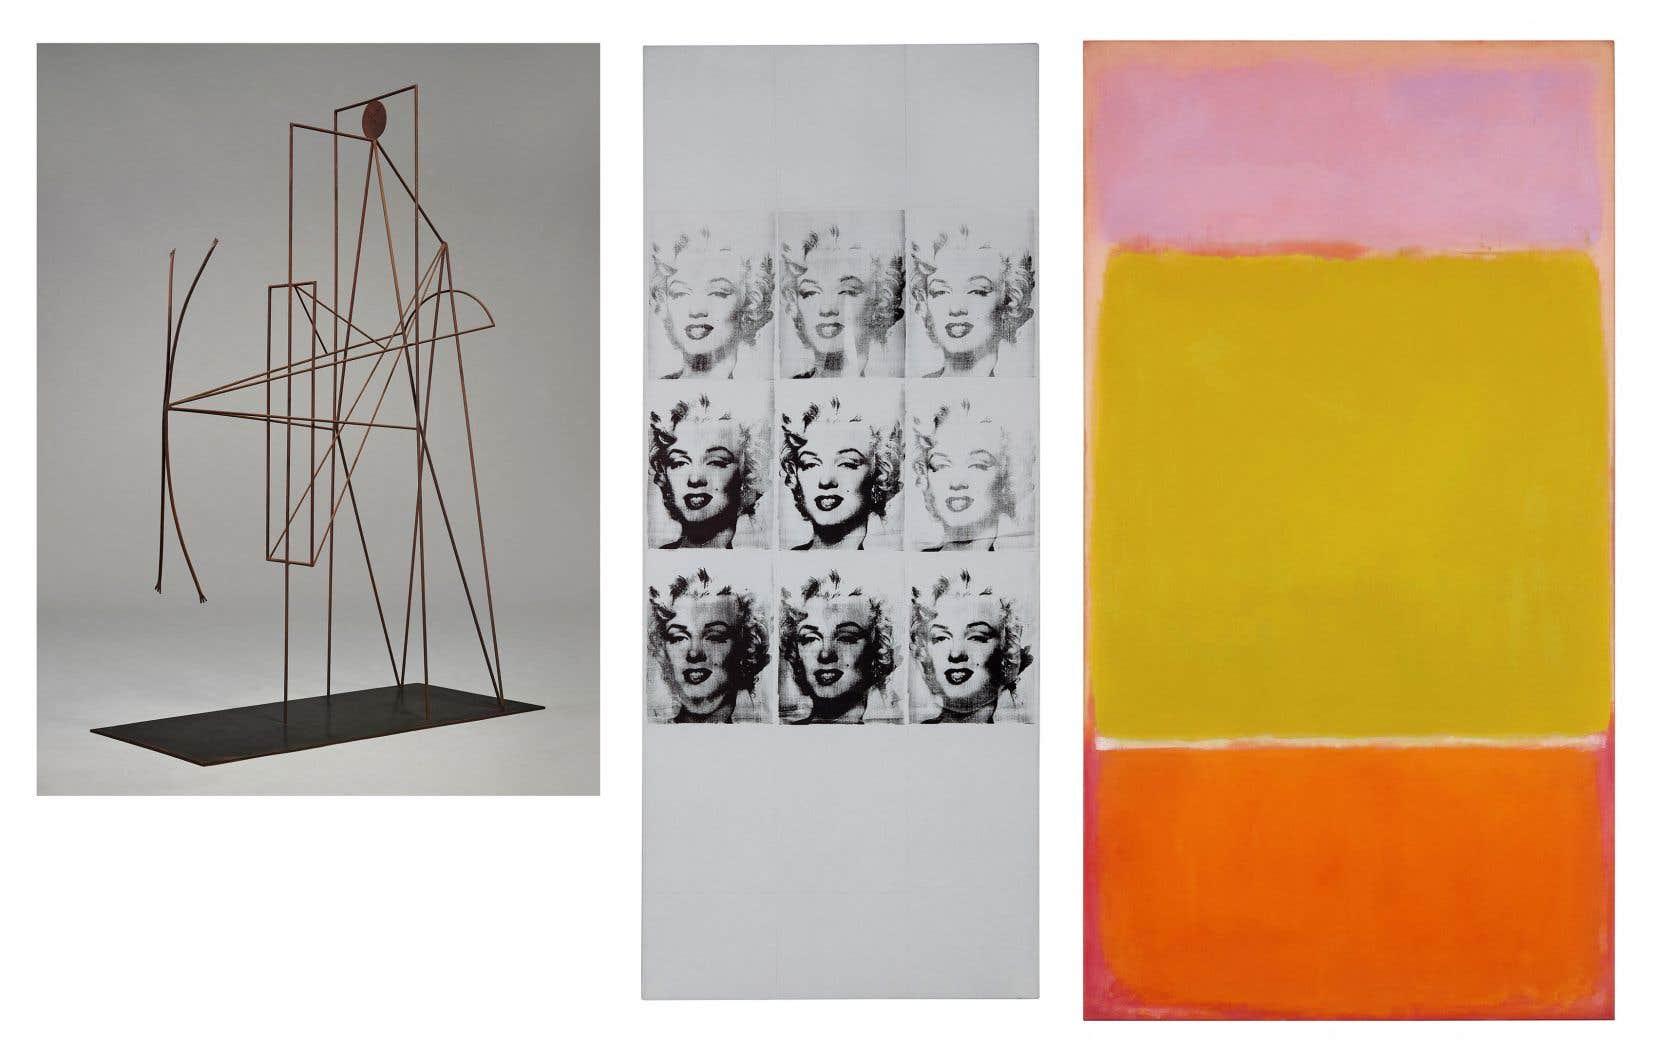 De gauche à droite: les œuvres de Pablo Picasso, Andy Warhol et Mark Rothko qui seront mises en vente par Sotheby's.